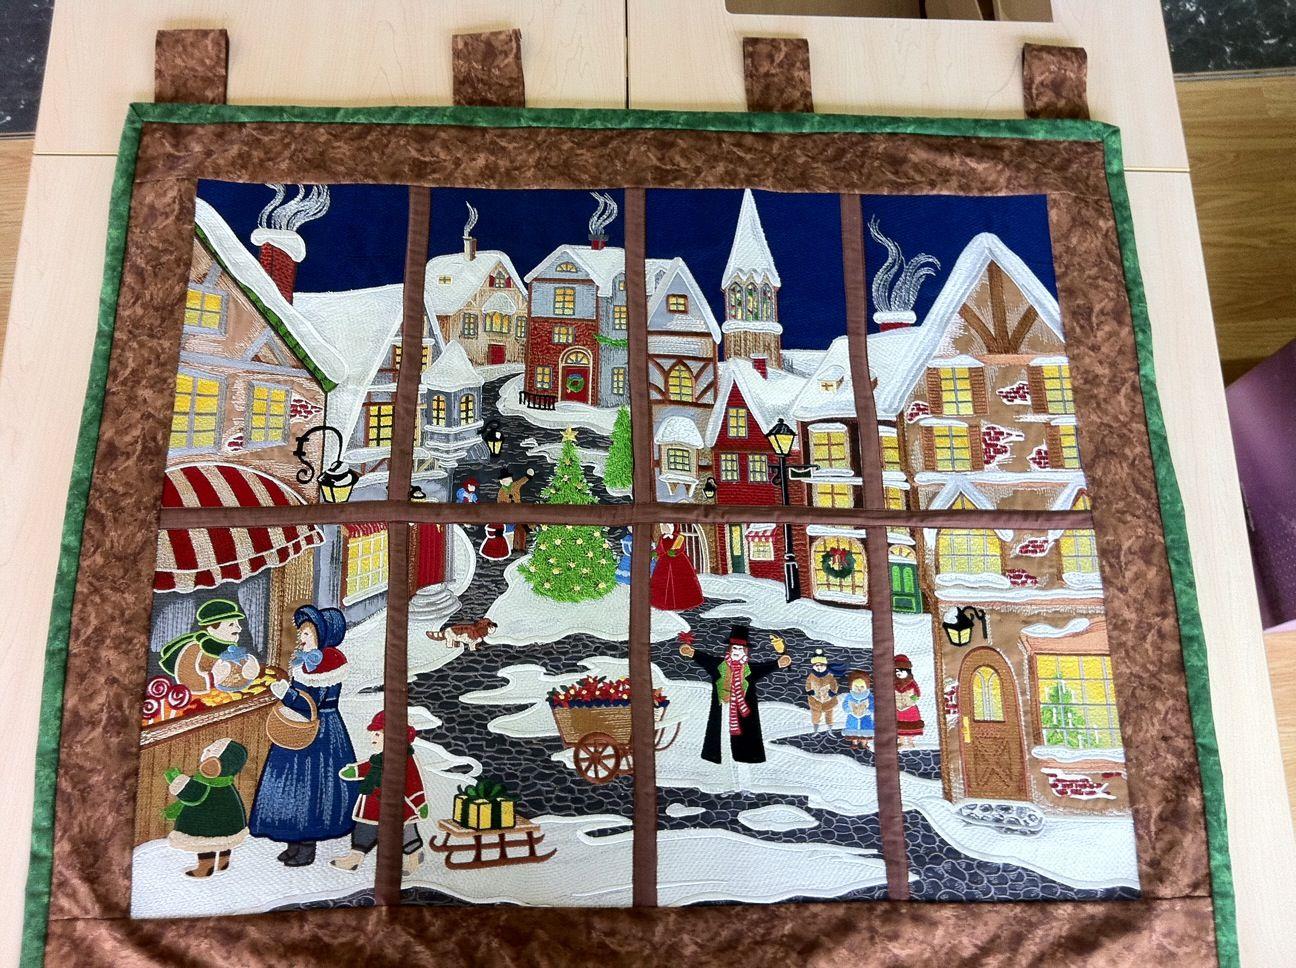 Anita Goodesign Christmas Village Anita Goodesign